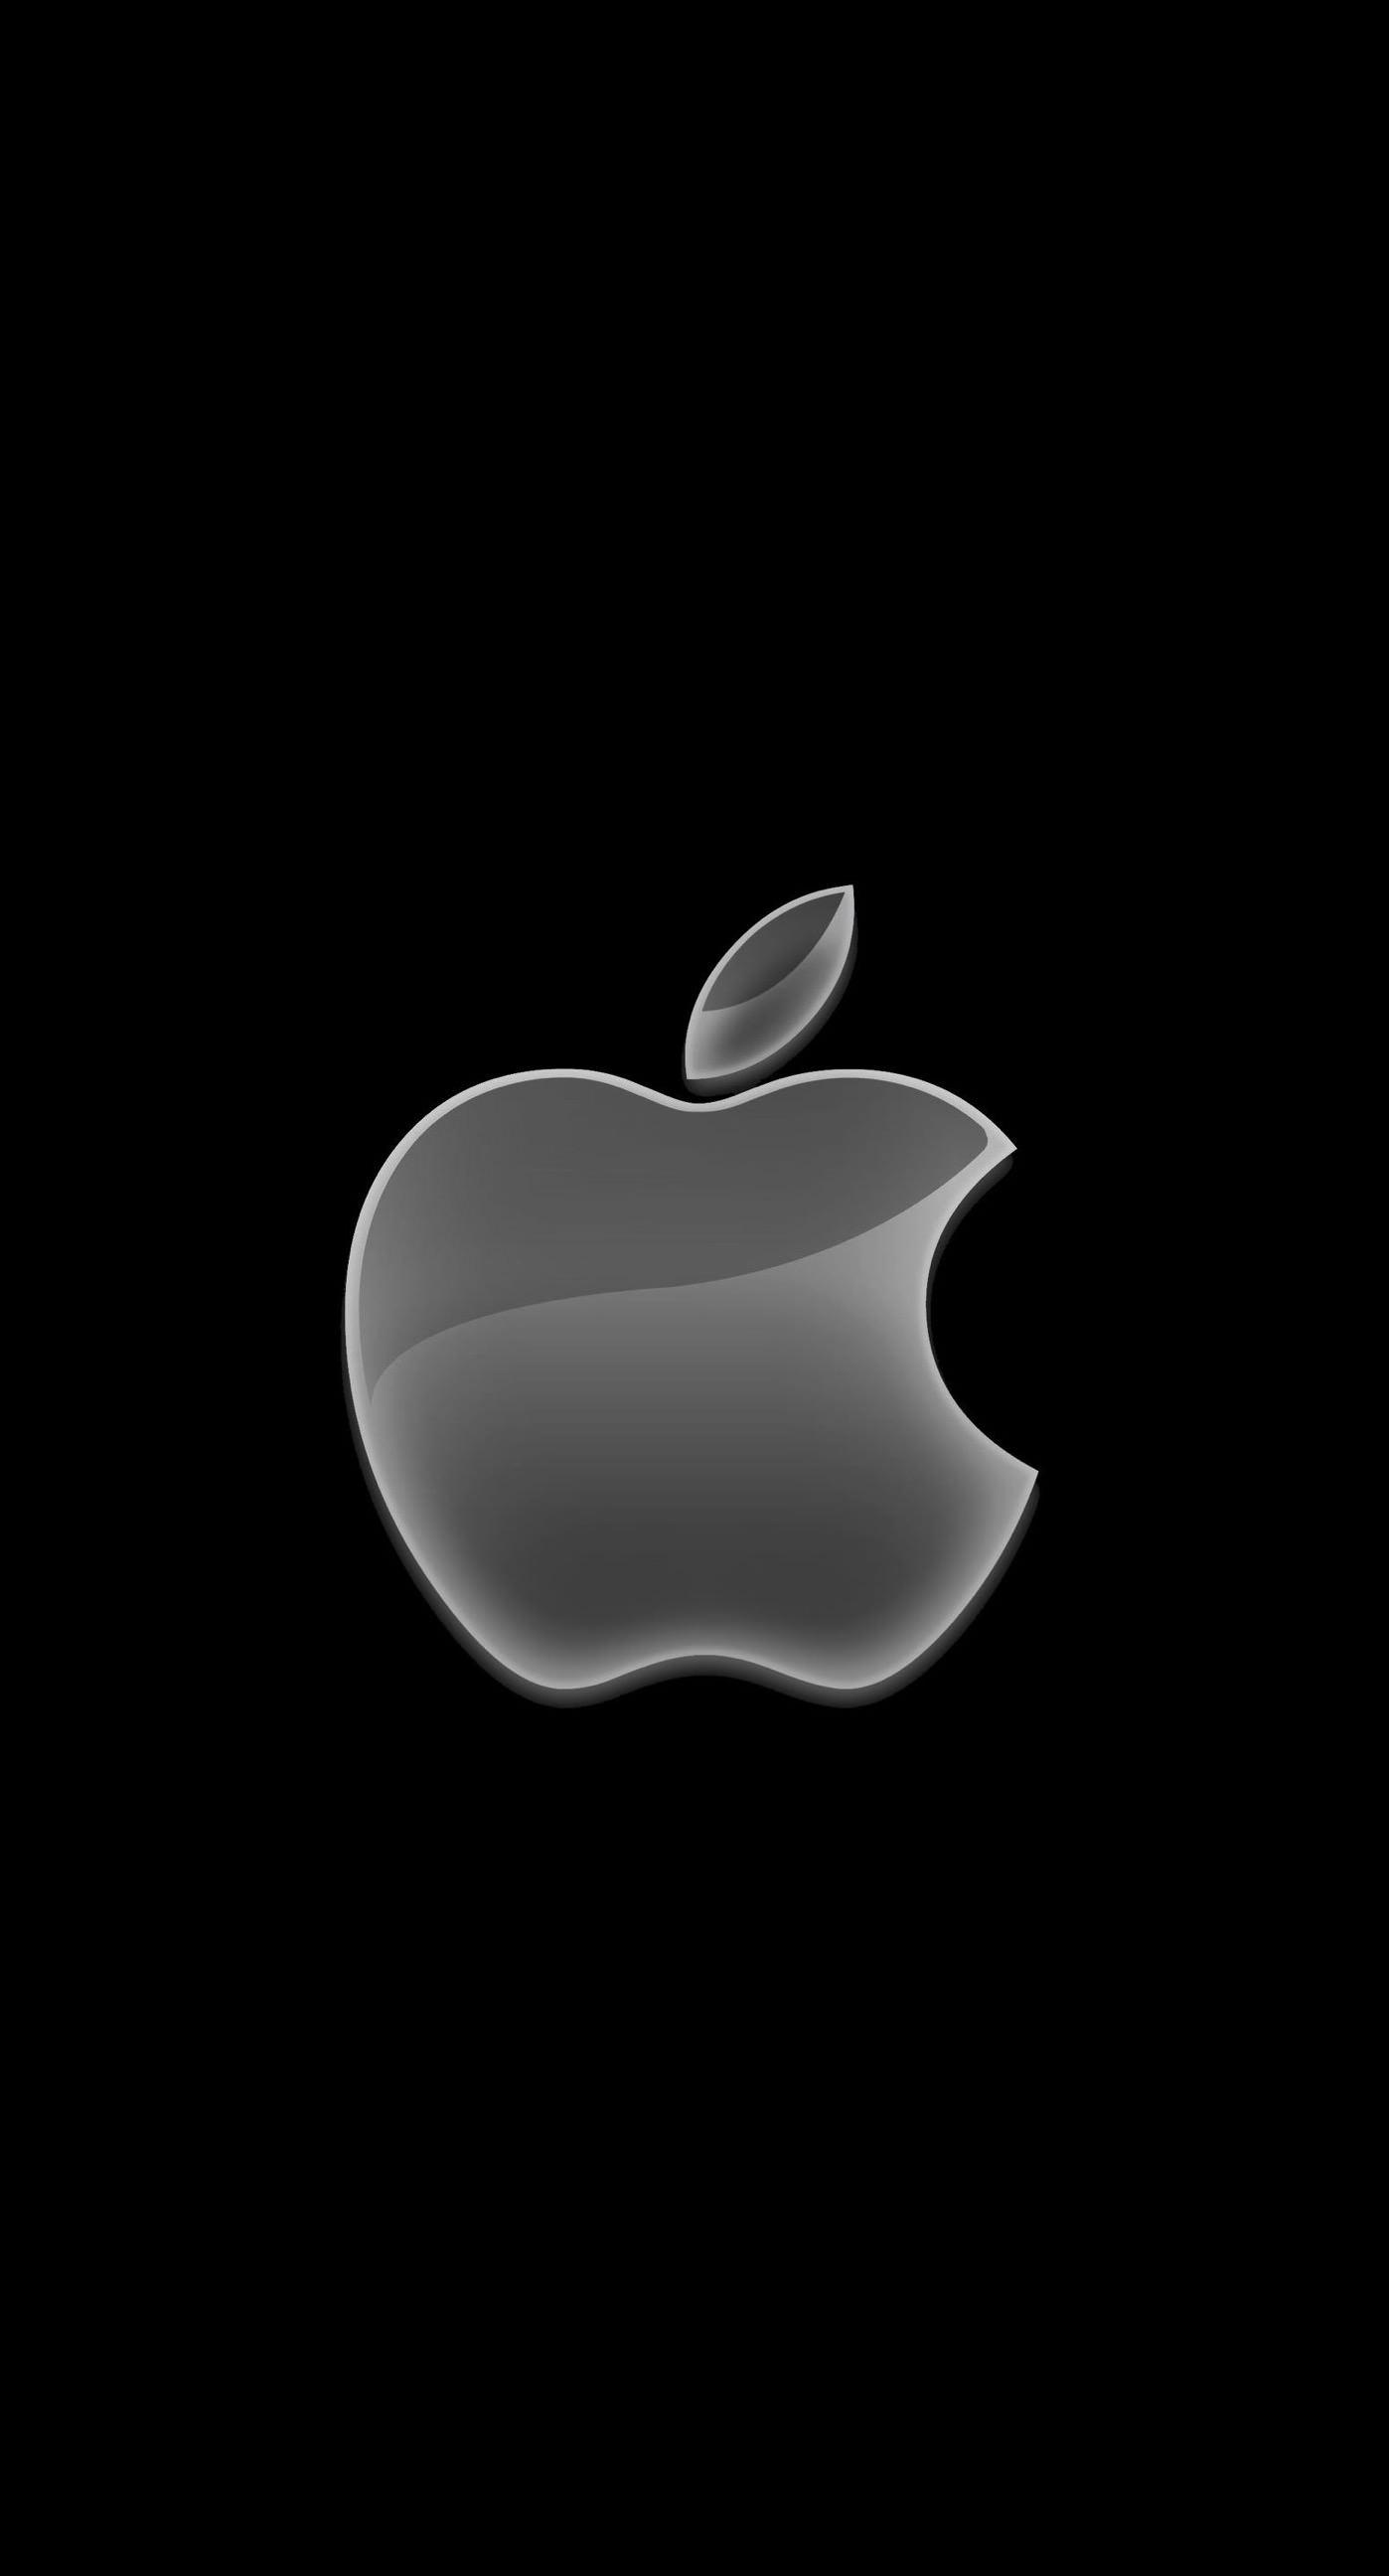 iPhone 7 Plus Wallpaper WallpaperSafari